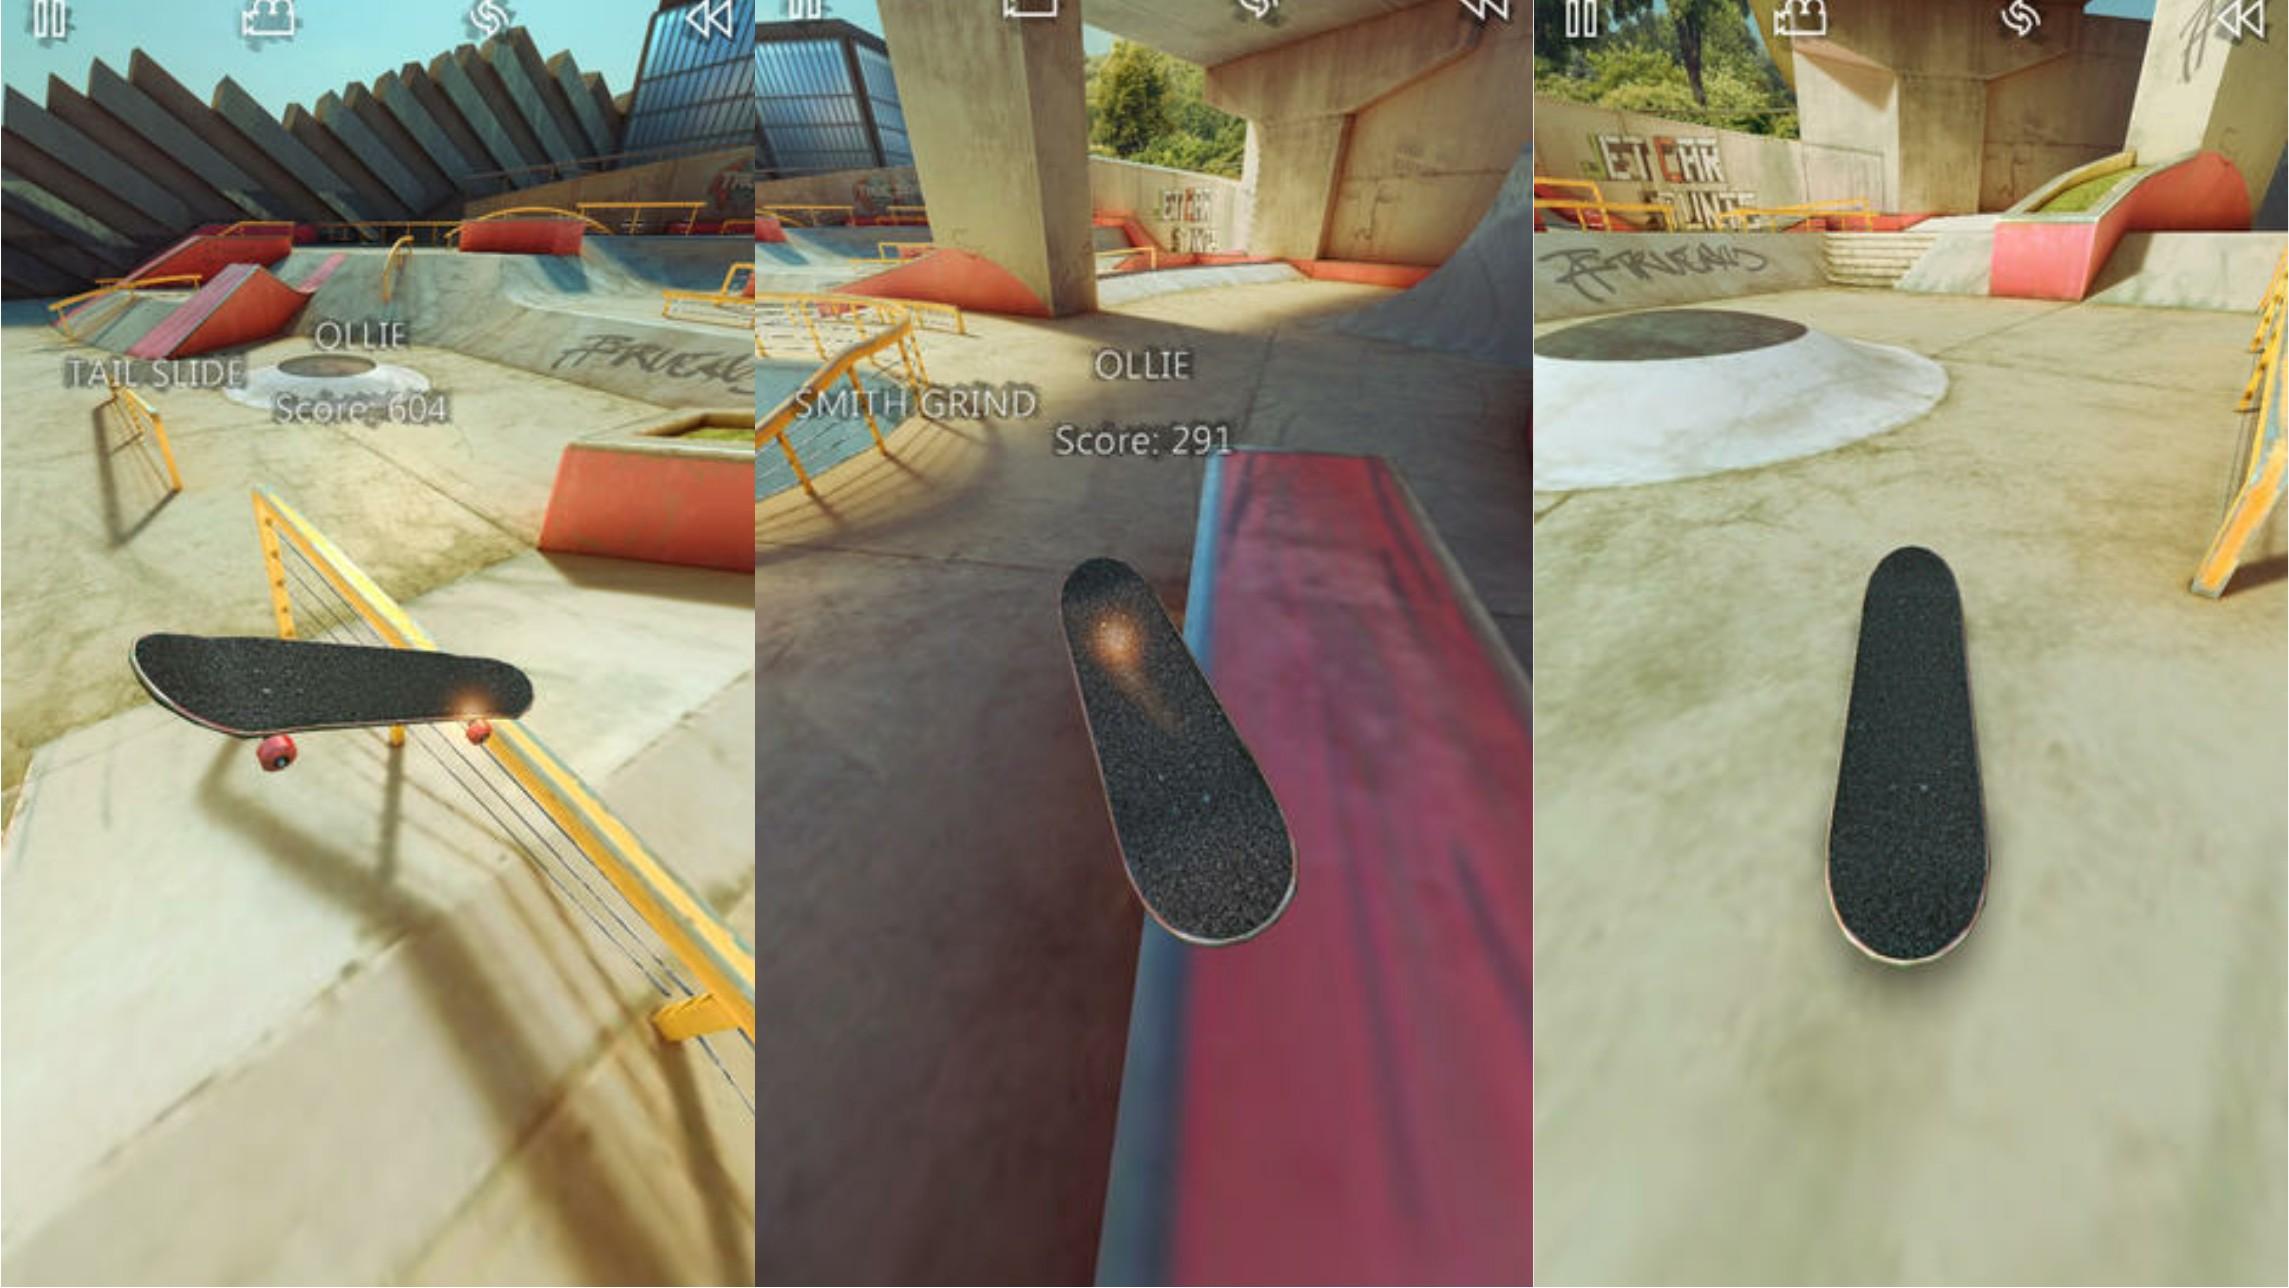 【游戏】模拟真实滑板的好玩手游